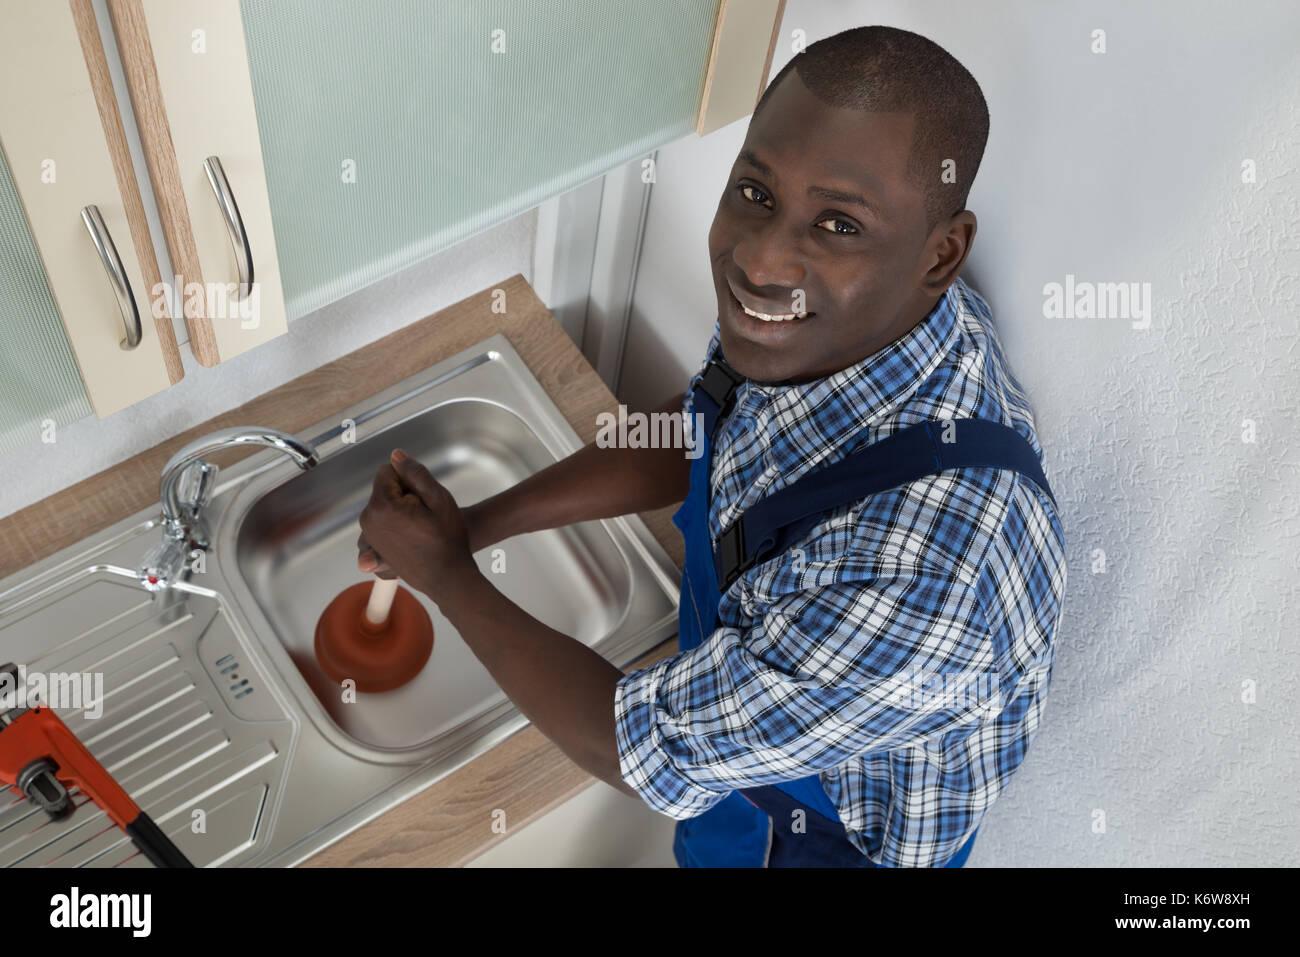 sink plunger stock photos sink plunger stock images alamy. Black Bedroom Furniture Sets. Home Design Ideas